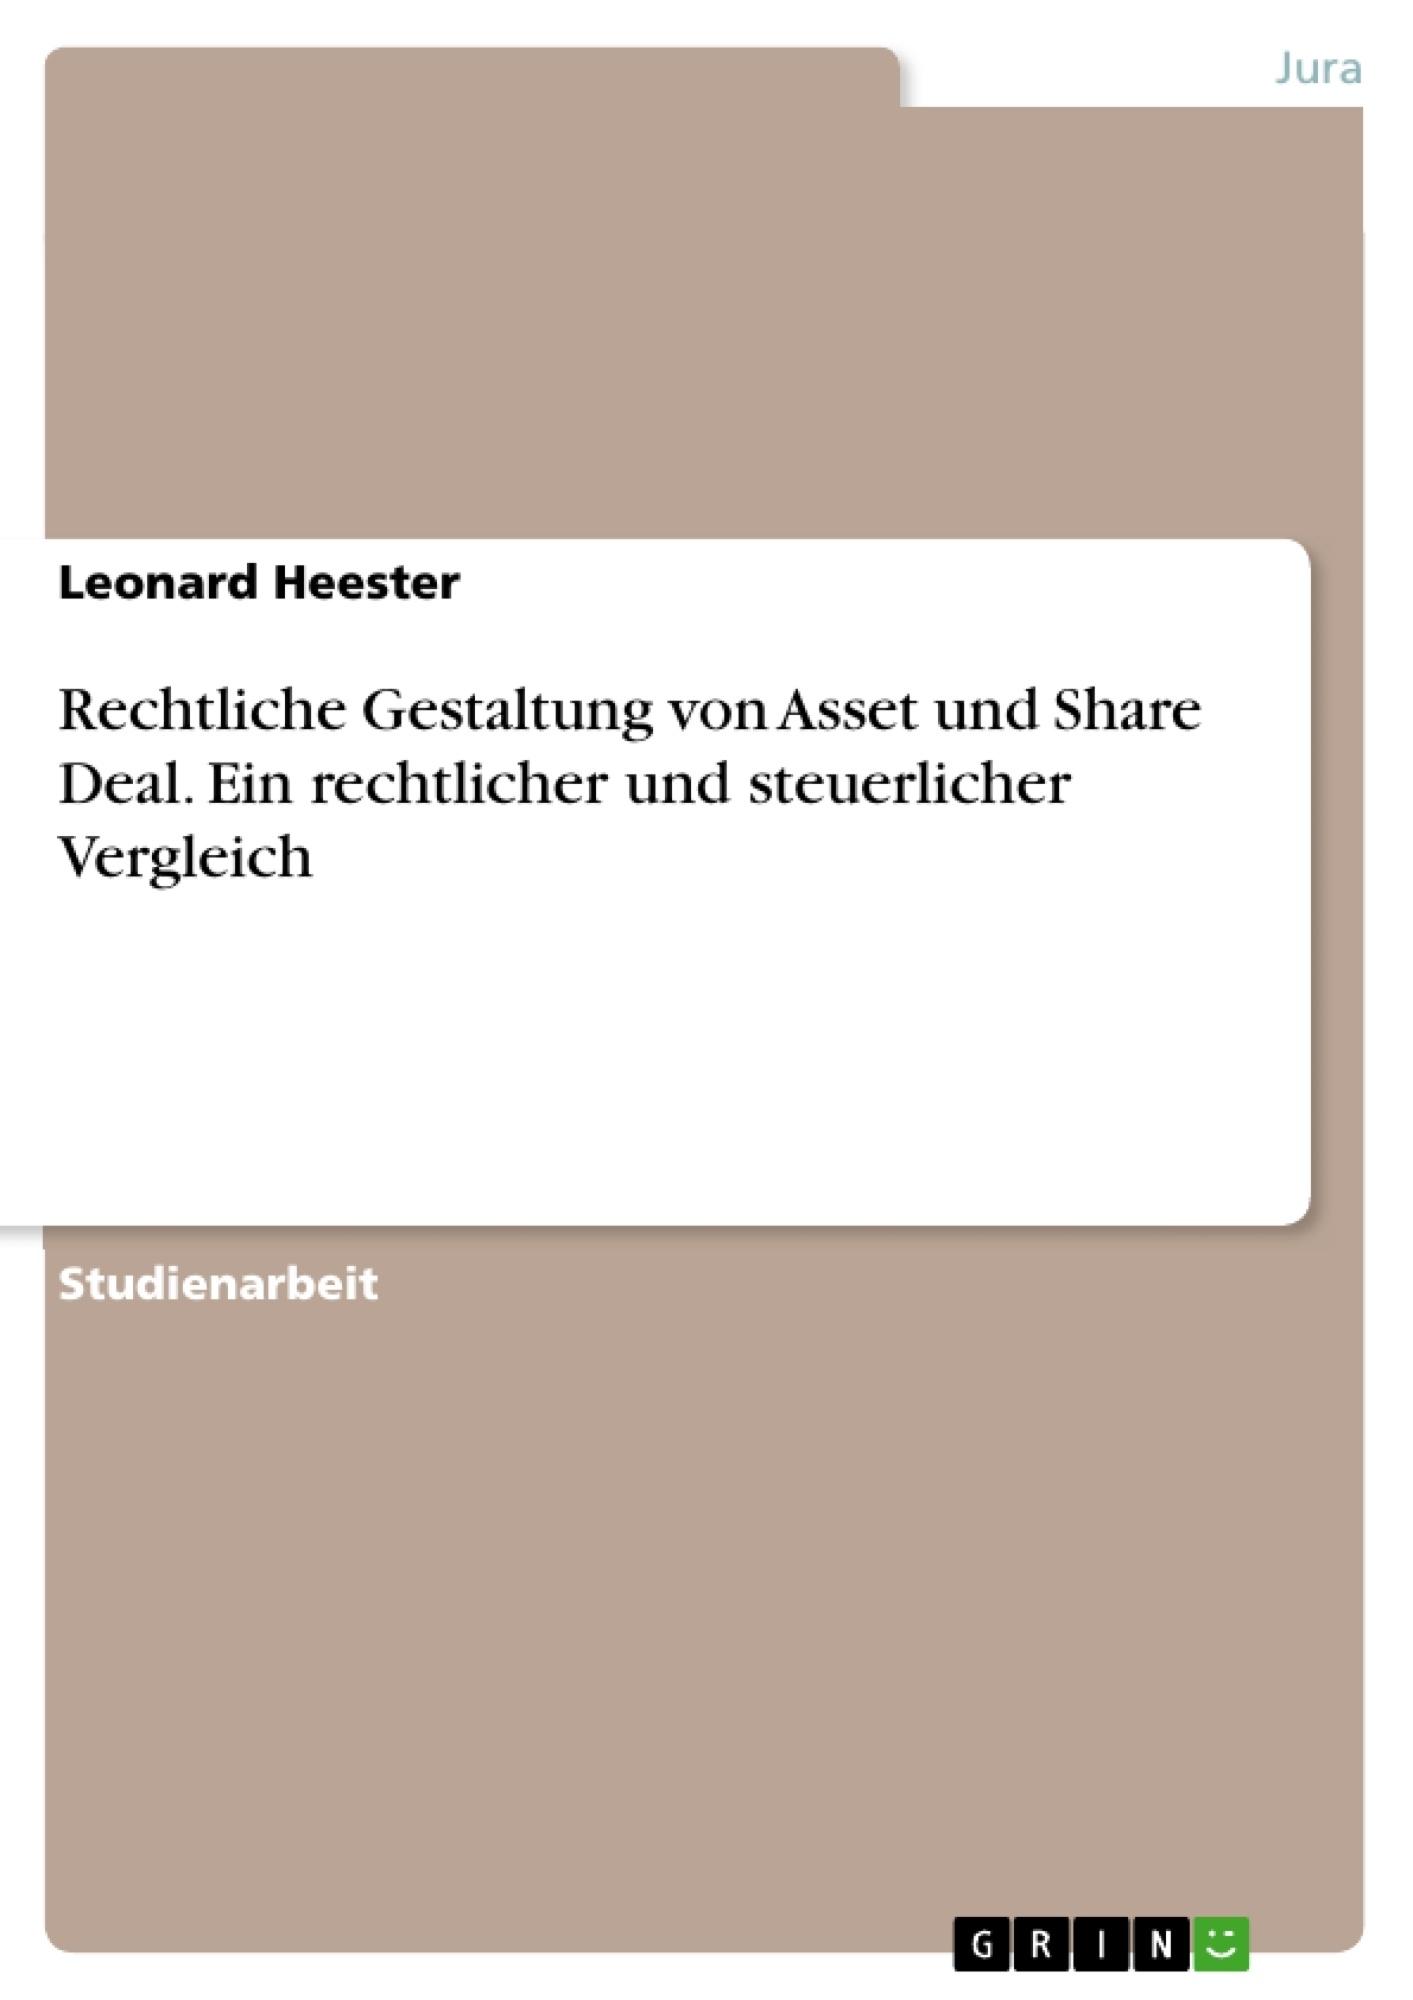 Titel: Rechtliche Gestaltung von Asset und Share Deal. Ein rechtlicher und steuerlicher Vergleich